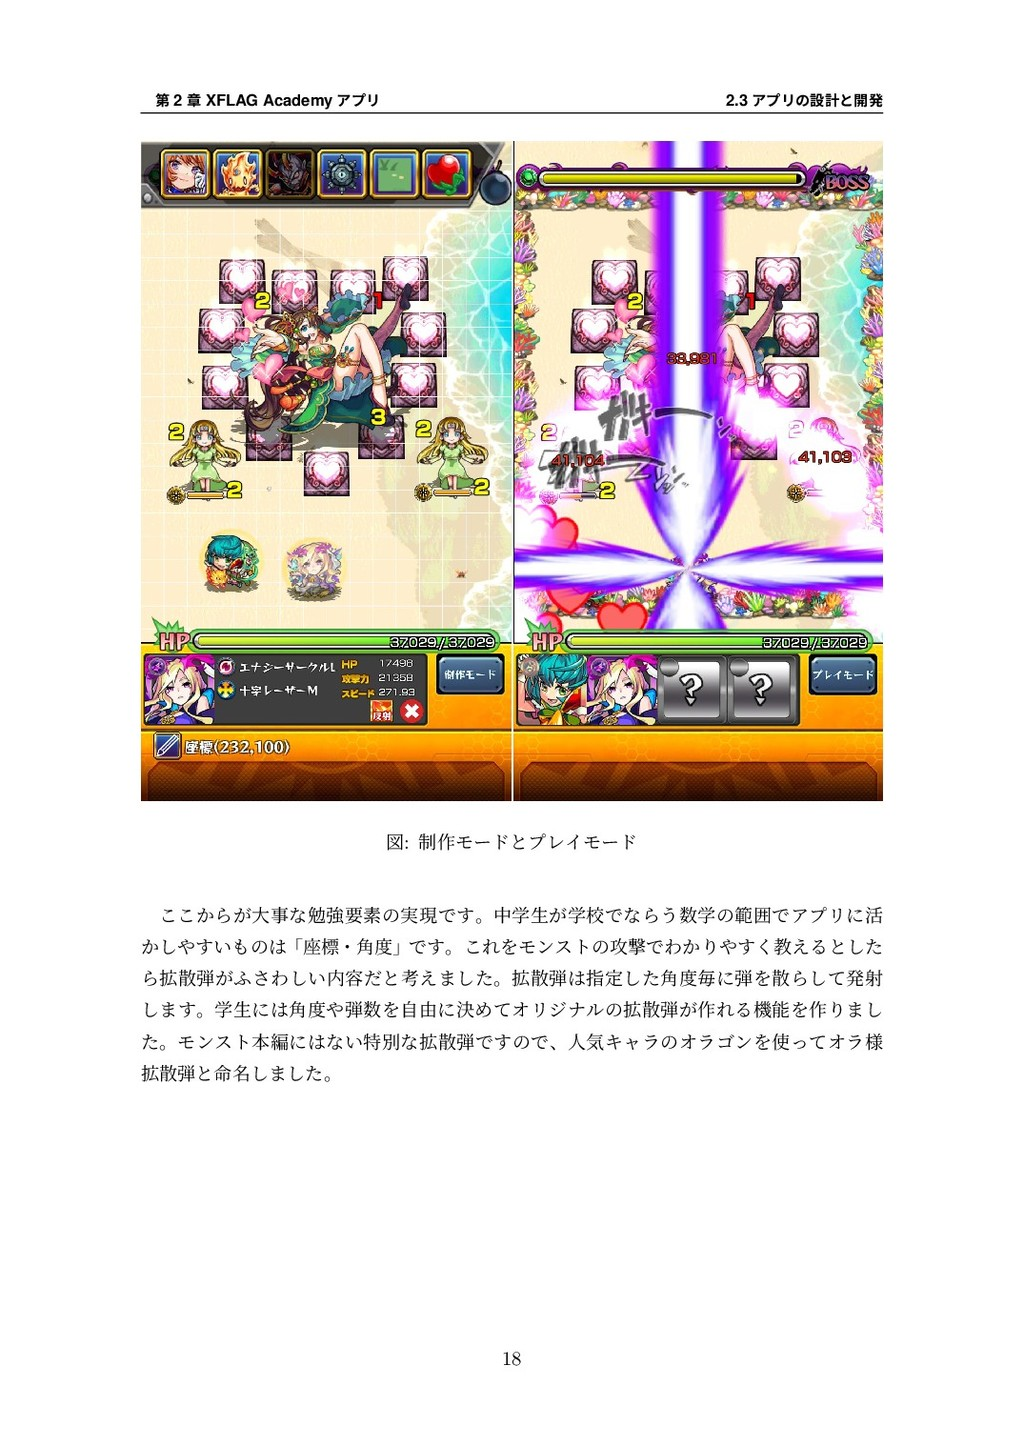 第 2 章 XFLAG Academy アプリ 2.3 アプリの設計と開発 図: 制作モードと...